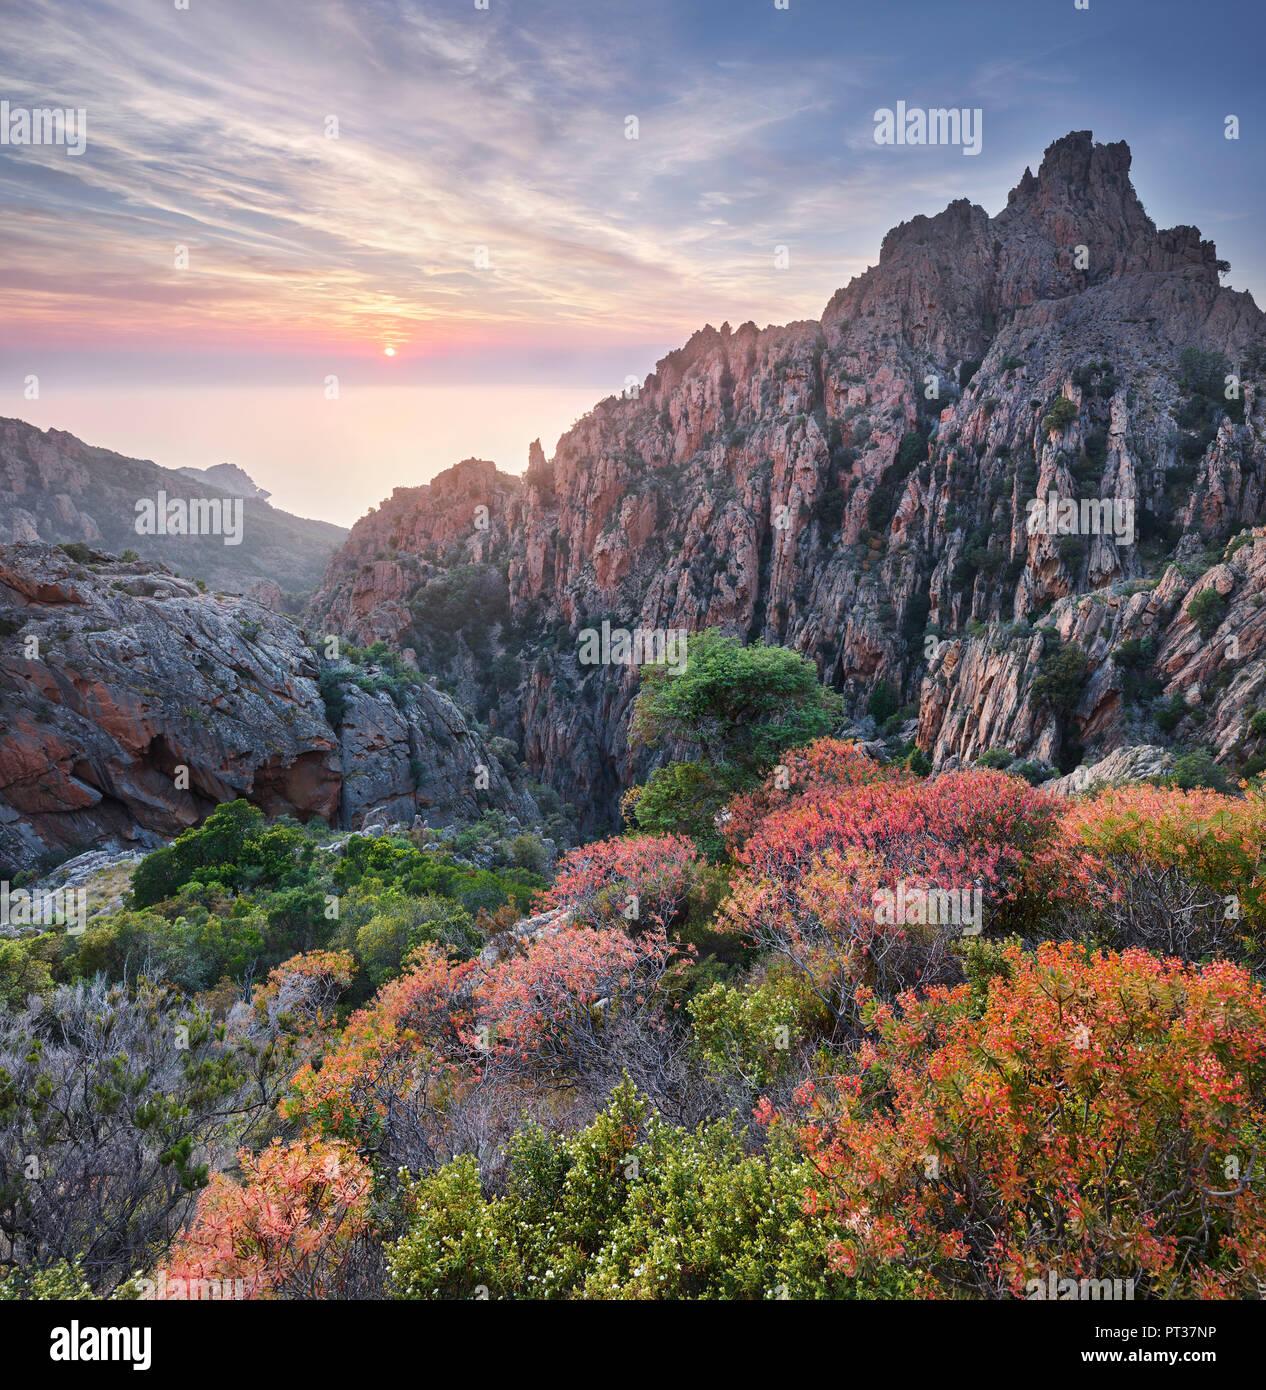 Calanche de Piana, Golfe de Porto, Corsica, Francia Immagini Stock